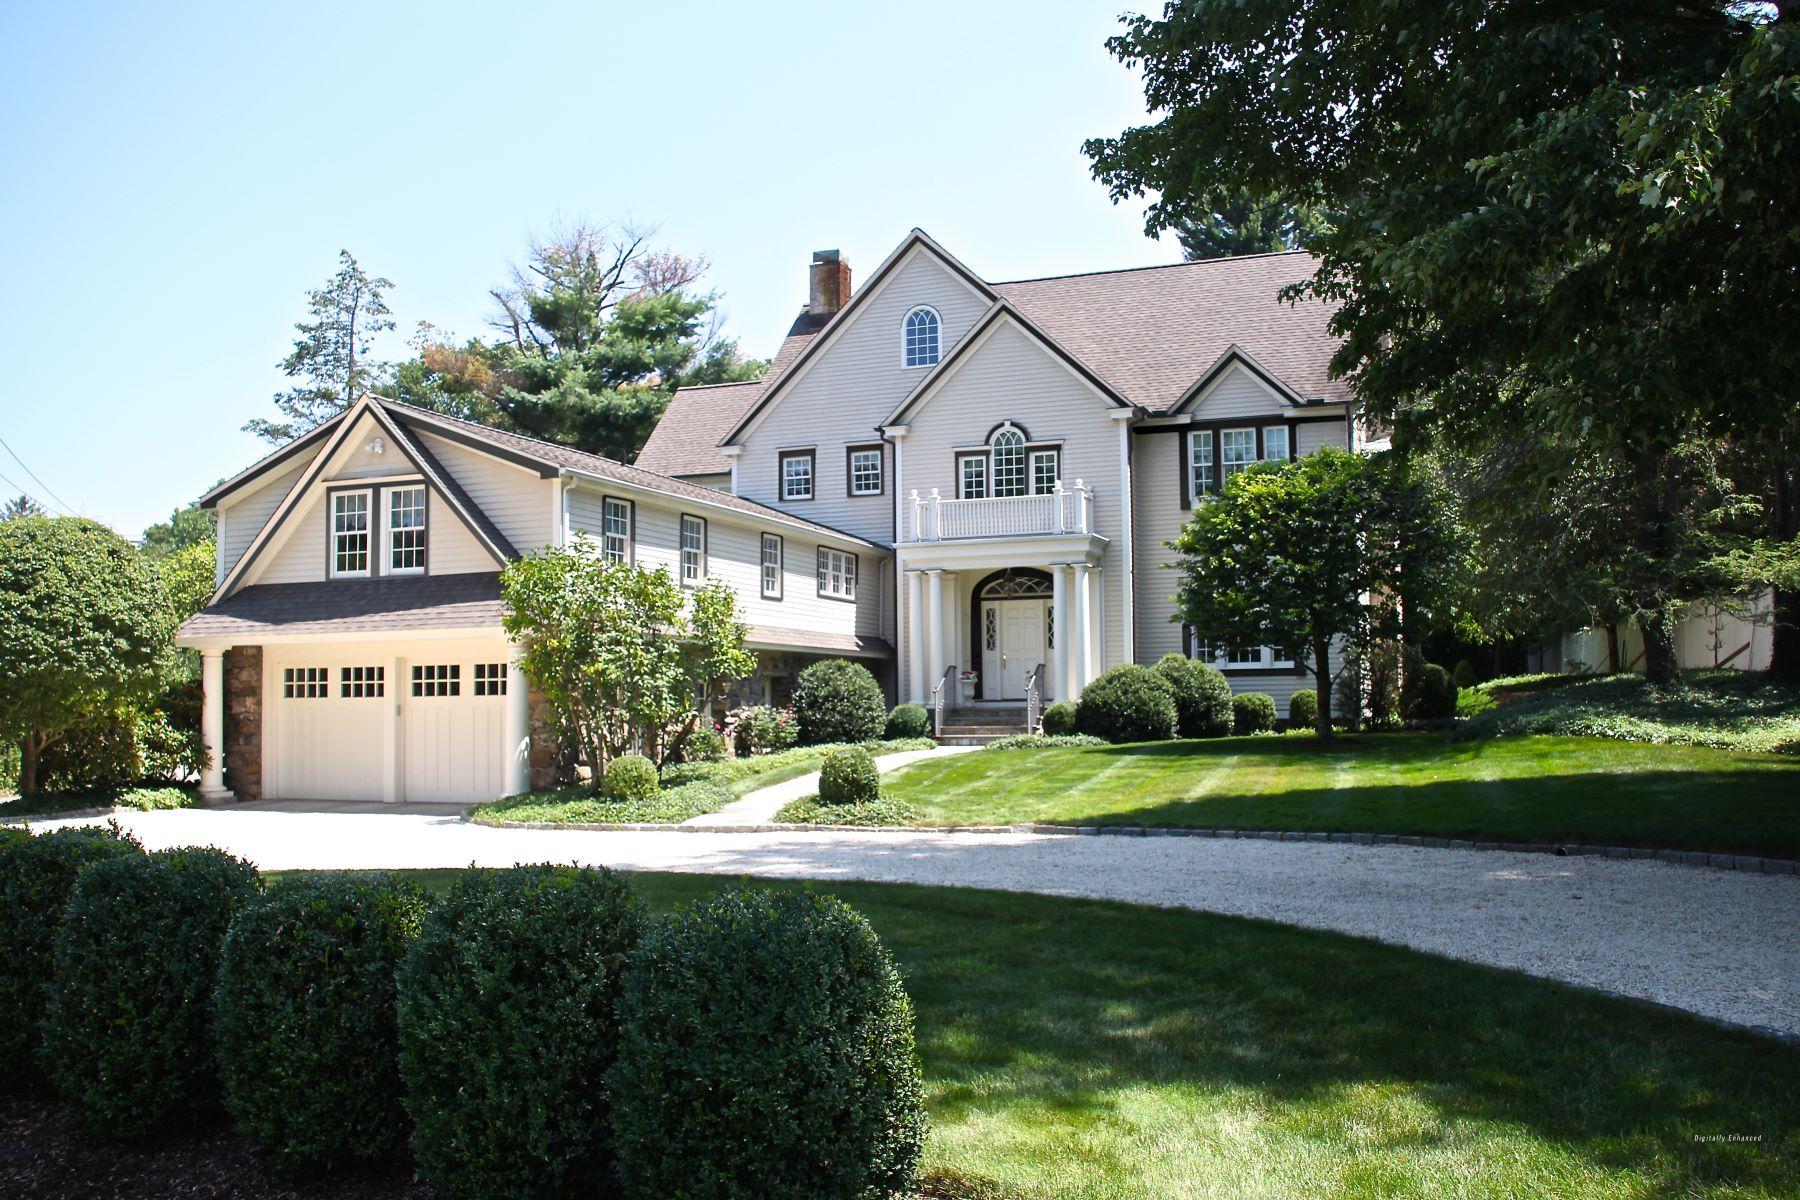 Maison unifamiliale pour l Vente à 17 Searles Road 17 Searles Road Darien, Connecticut 06820 États-Unis